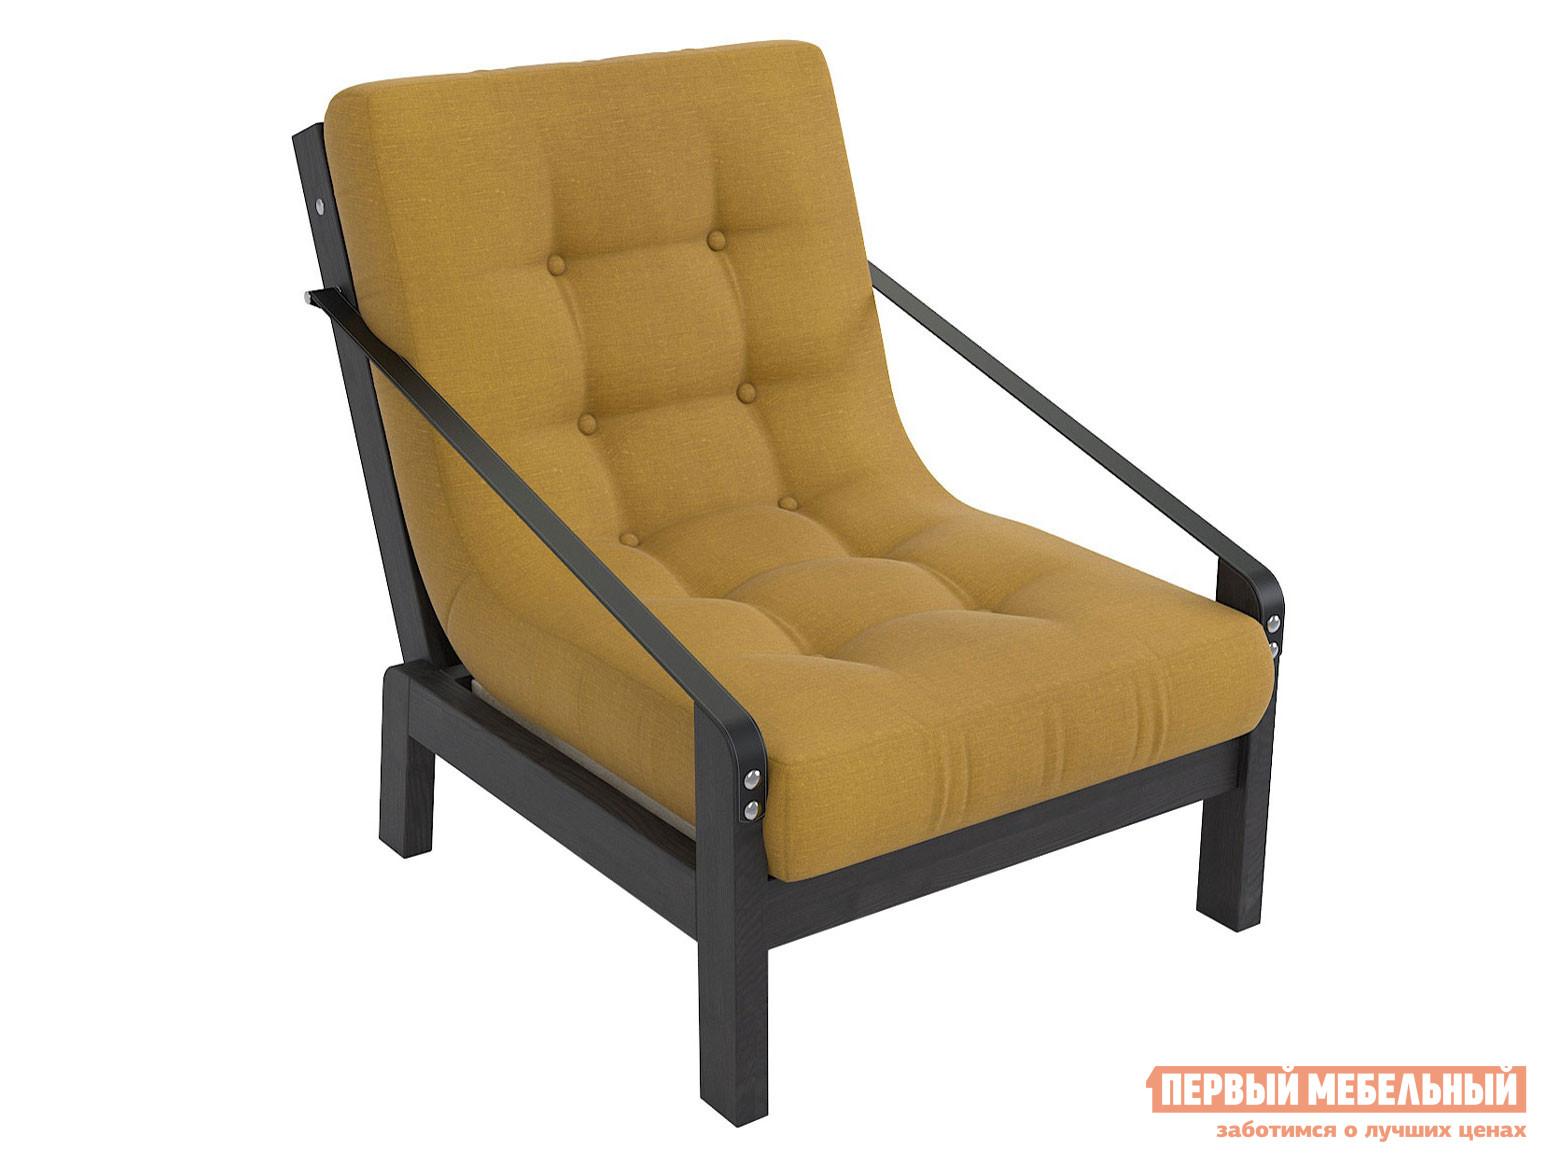 Кресло АндерСон Кресло Локи Textile каркас сосна